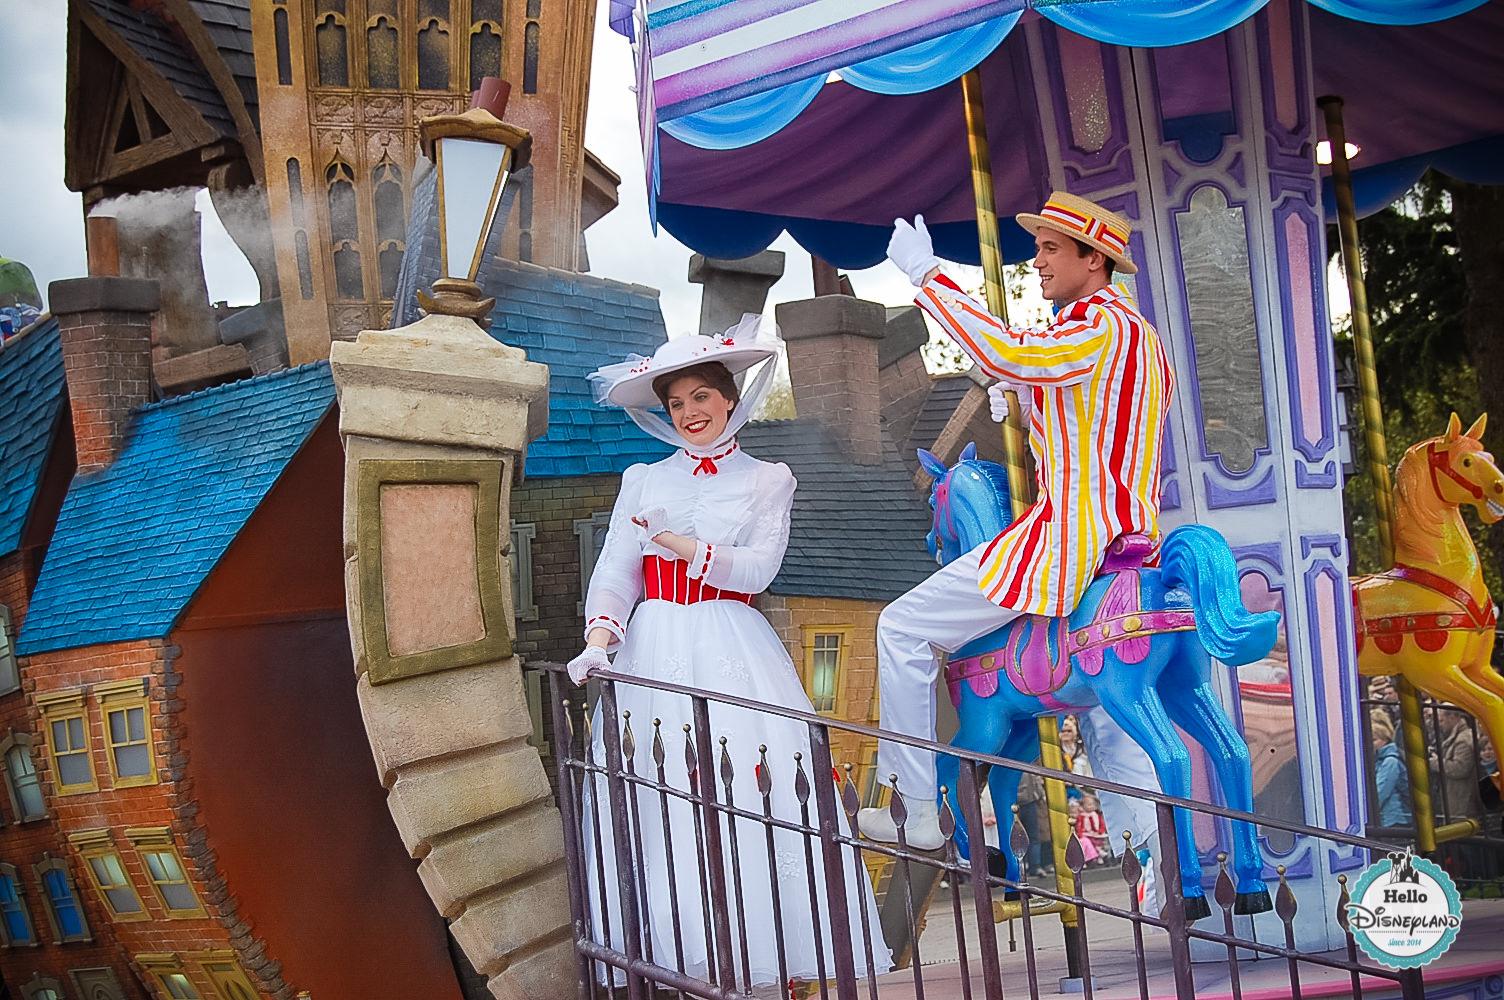 Disney Once Upon a Dream Parade - Disneyland Paris -11